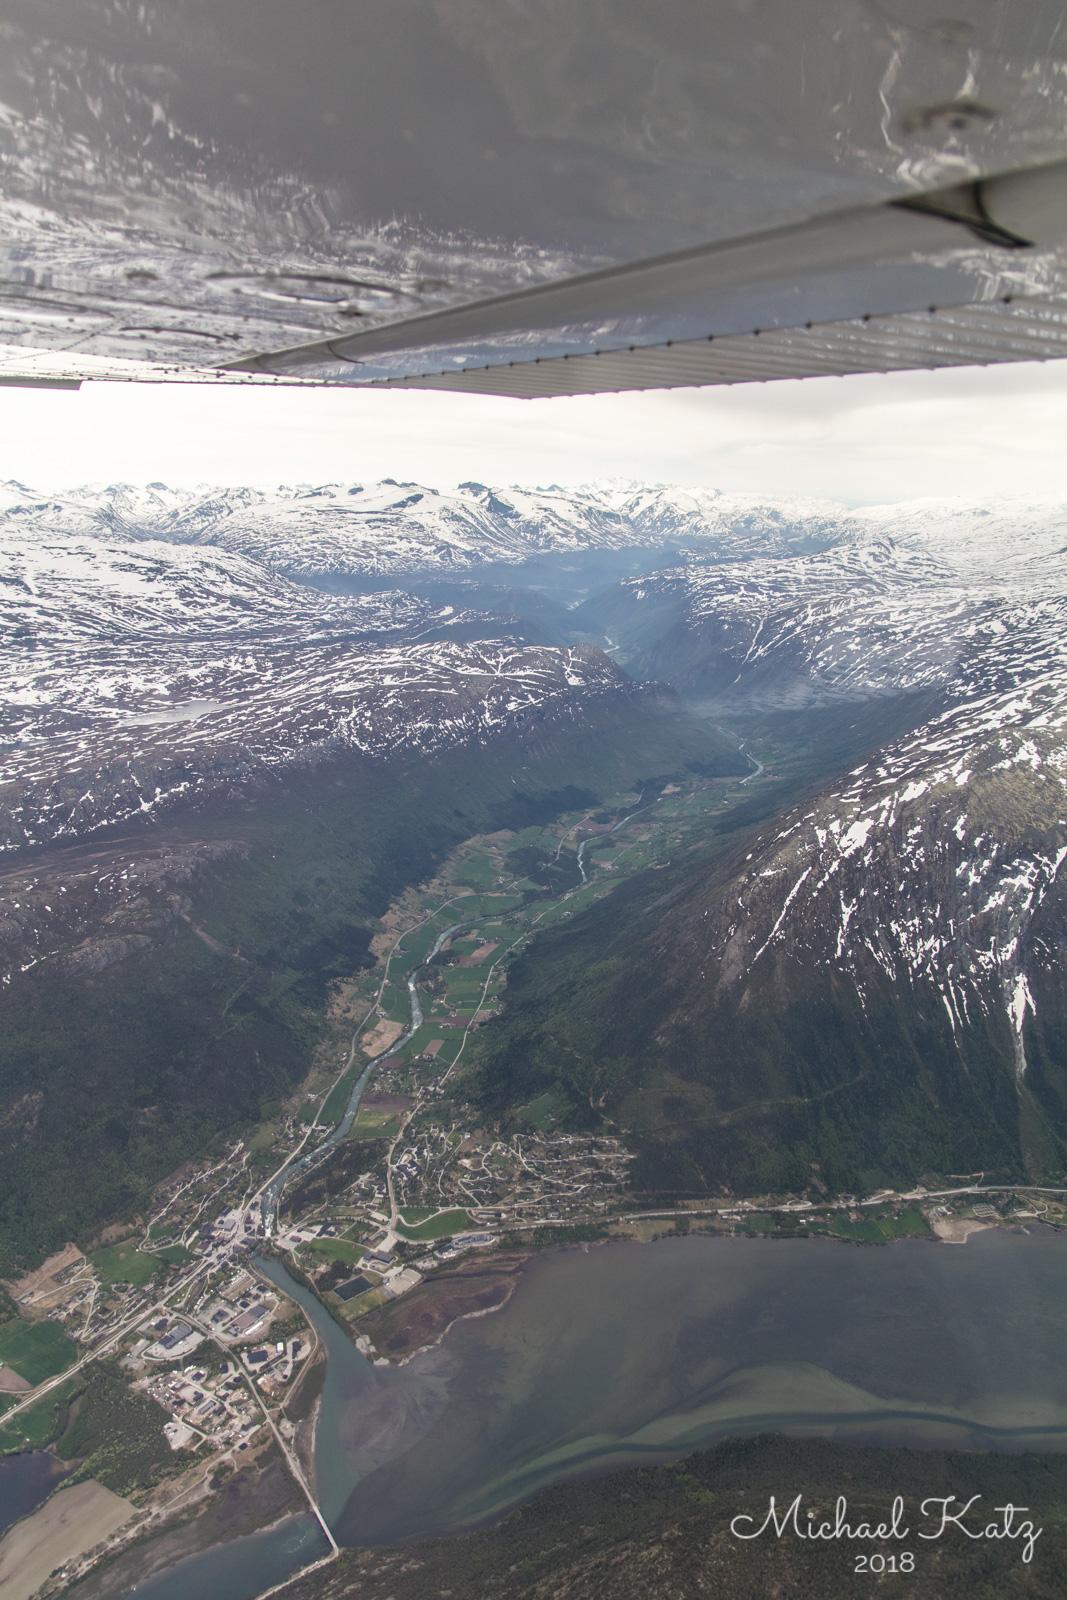 Vi snur tilbake pga. for sterk vind over fjellene! Her flyr vi over Lom og ser innover Ottadalen langs riksvei 15 mot Geiranger.